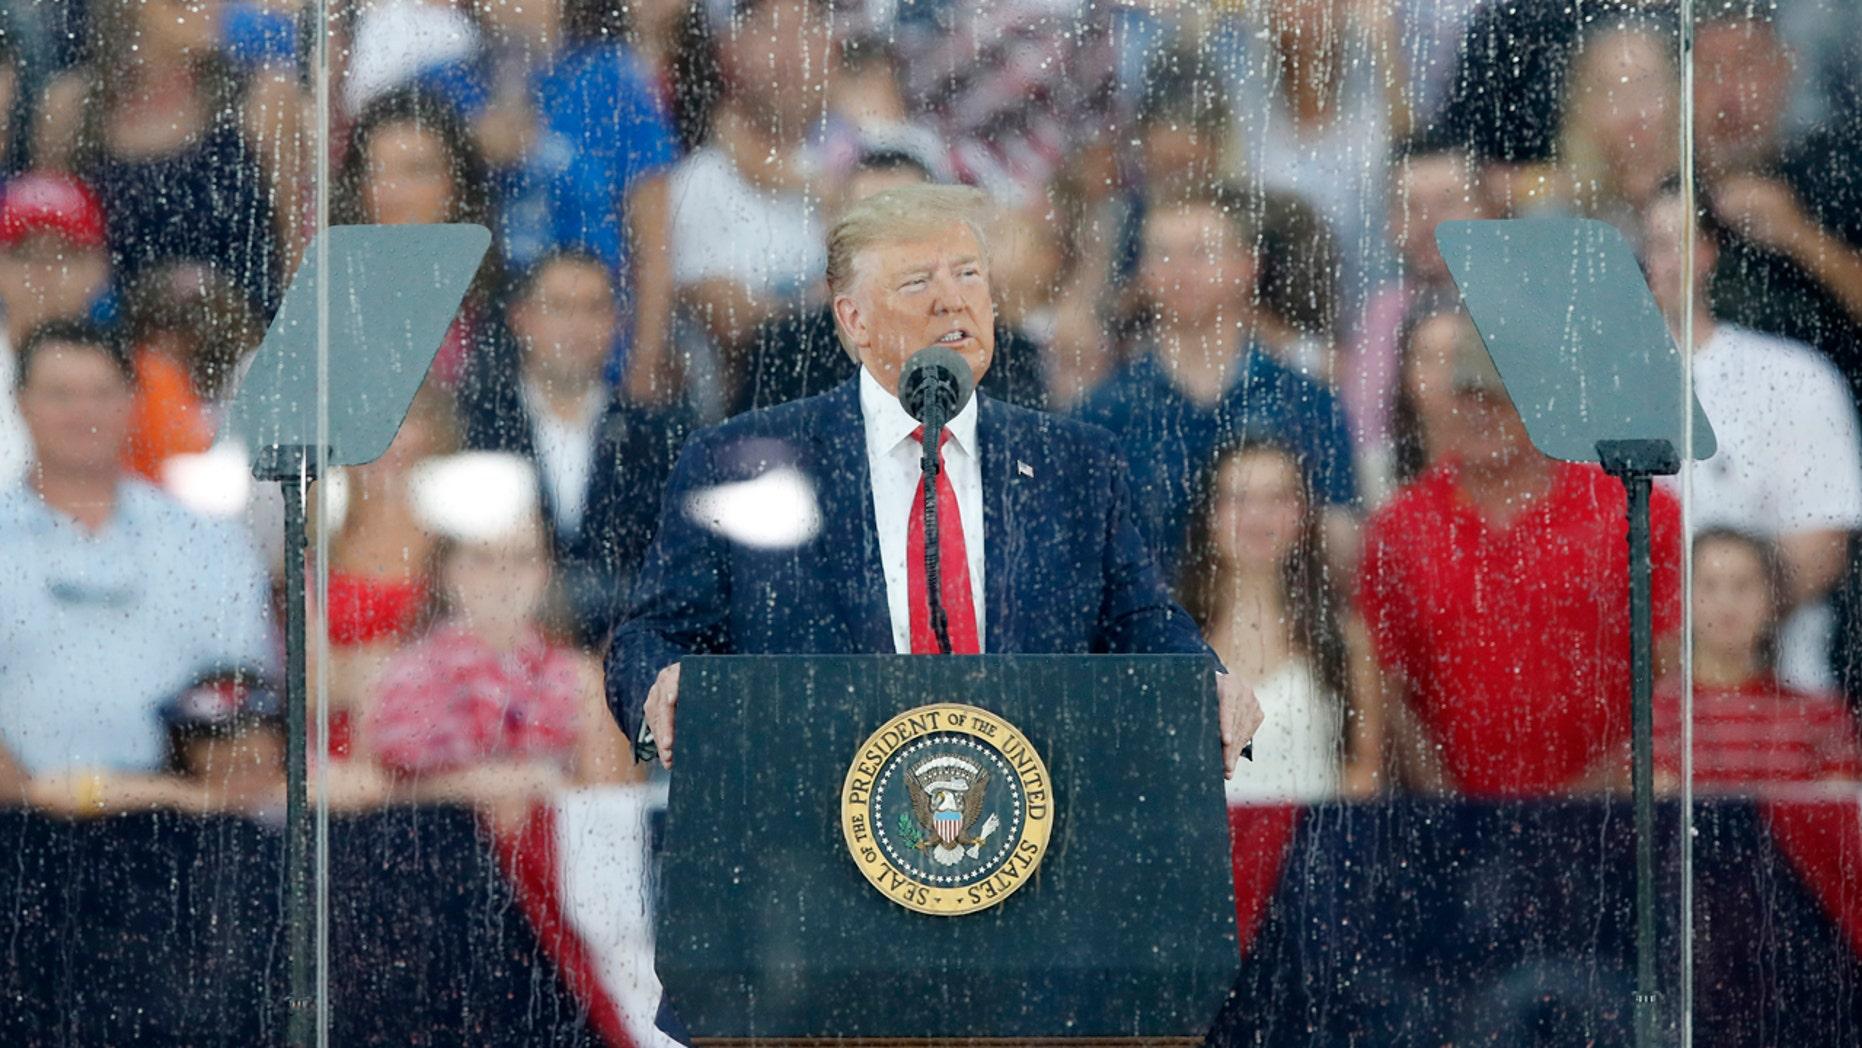 Trump sings praises of American exceptionalism in elaborate July 4 salute